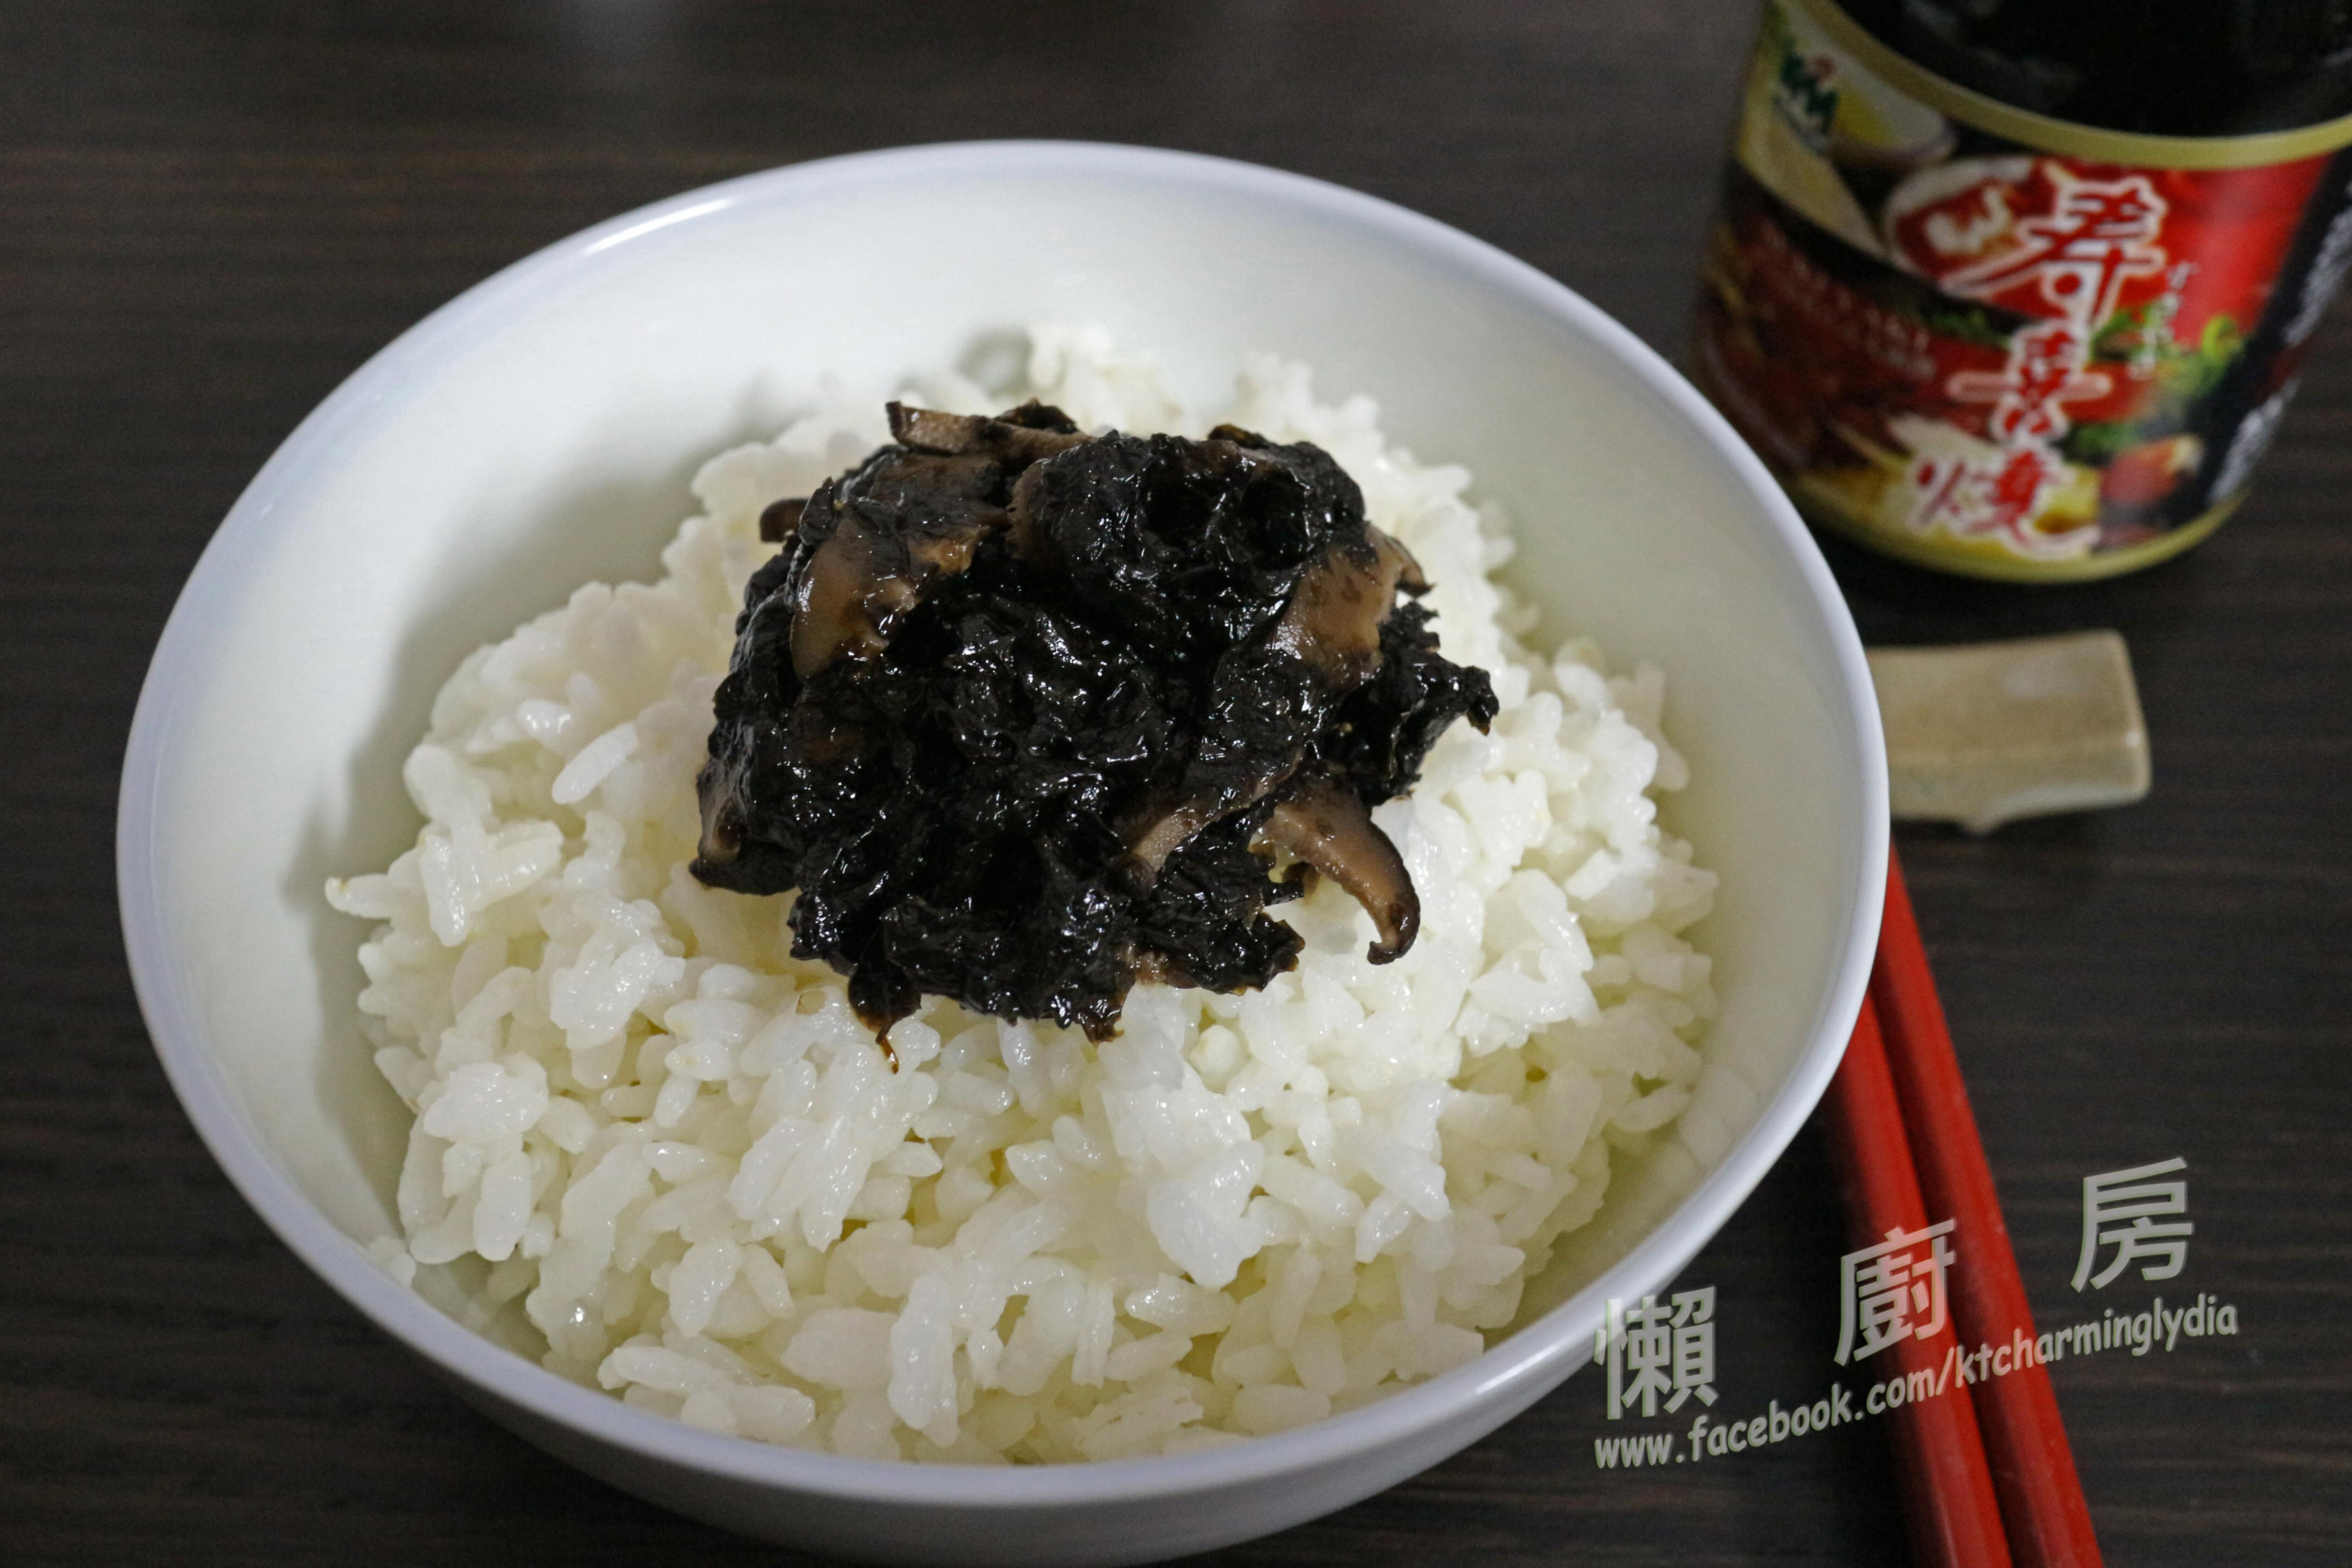 【穀盛 壽喜燒】自製『香菇海苔醬』